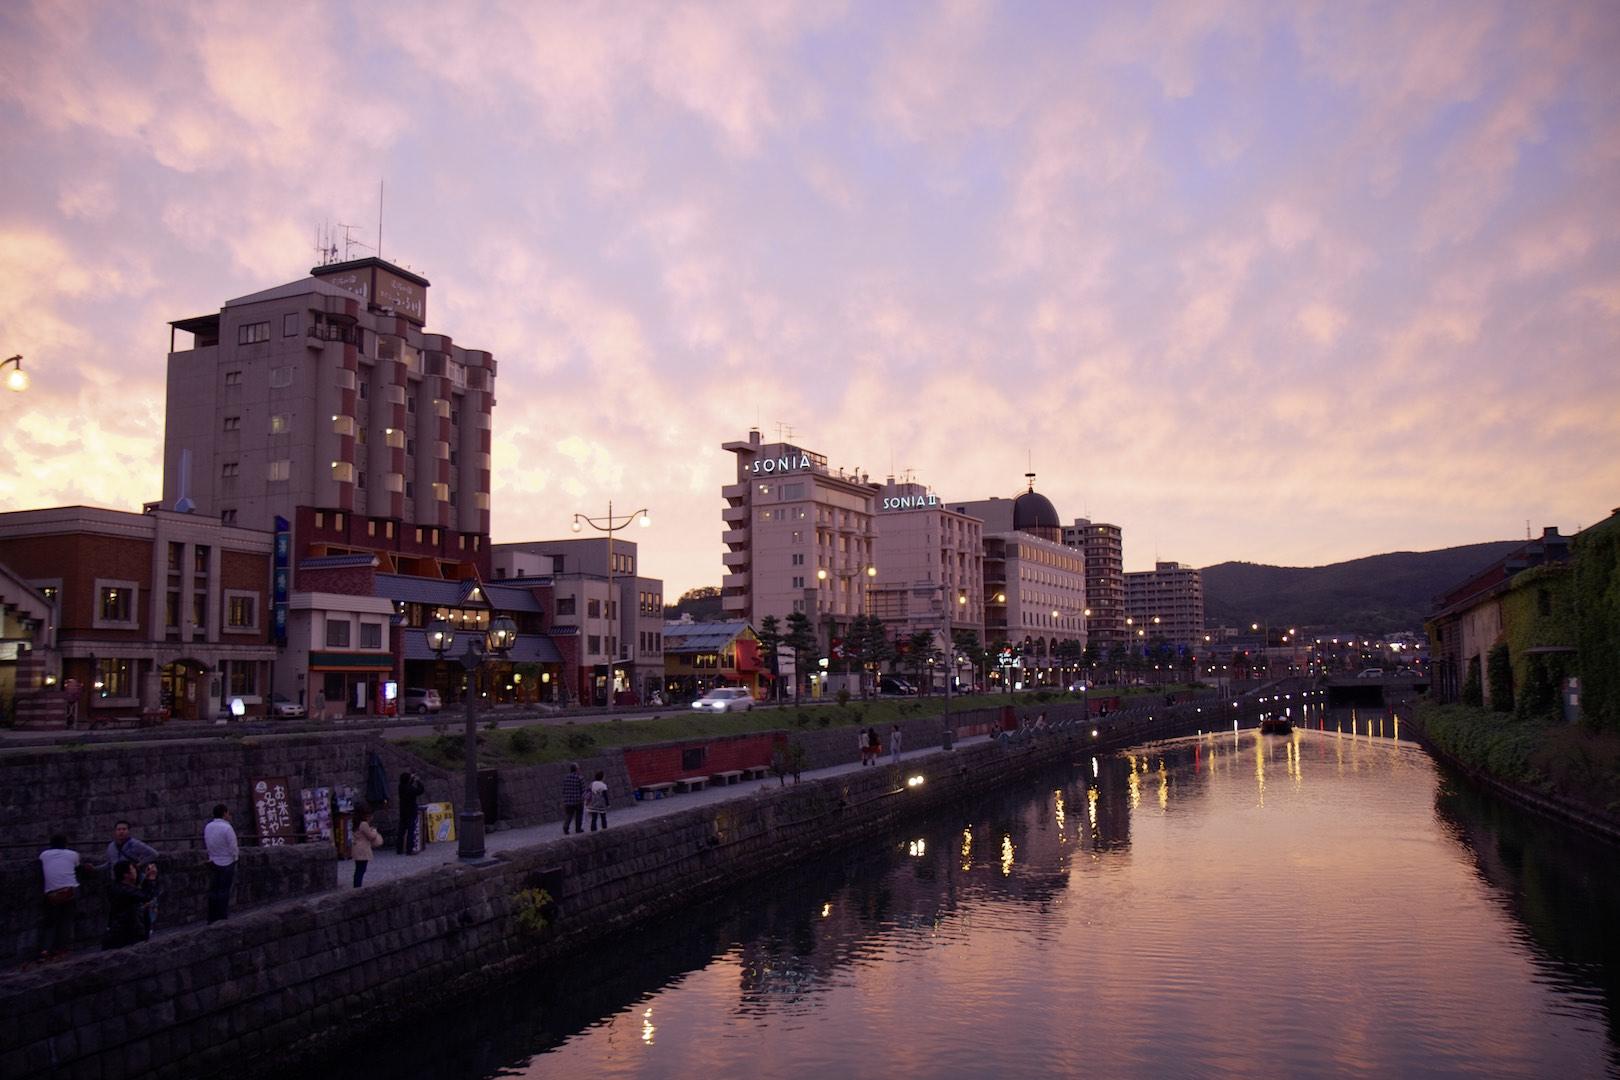 Hotel Sonia, Otaru